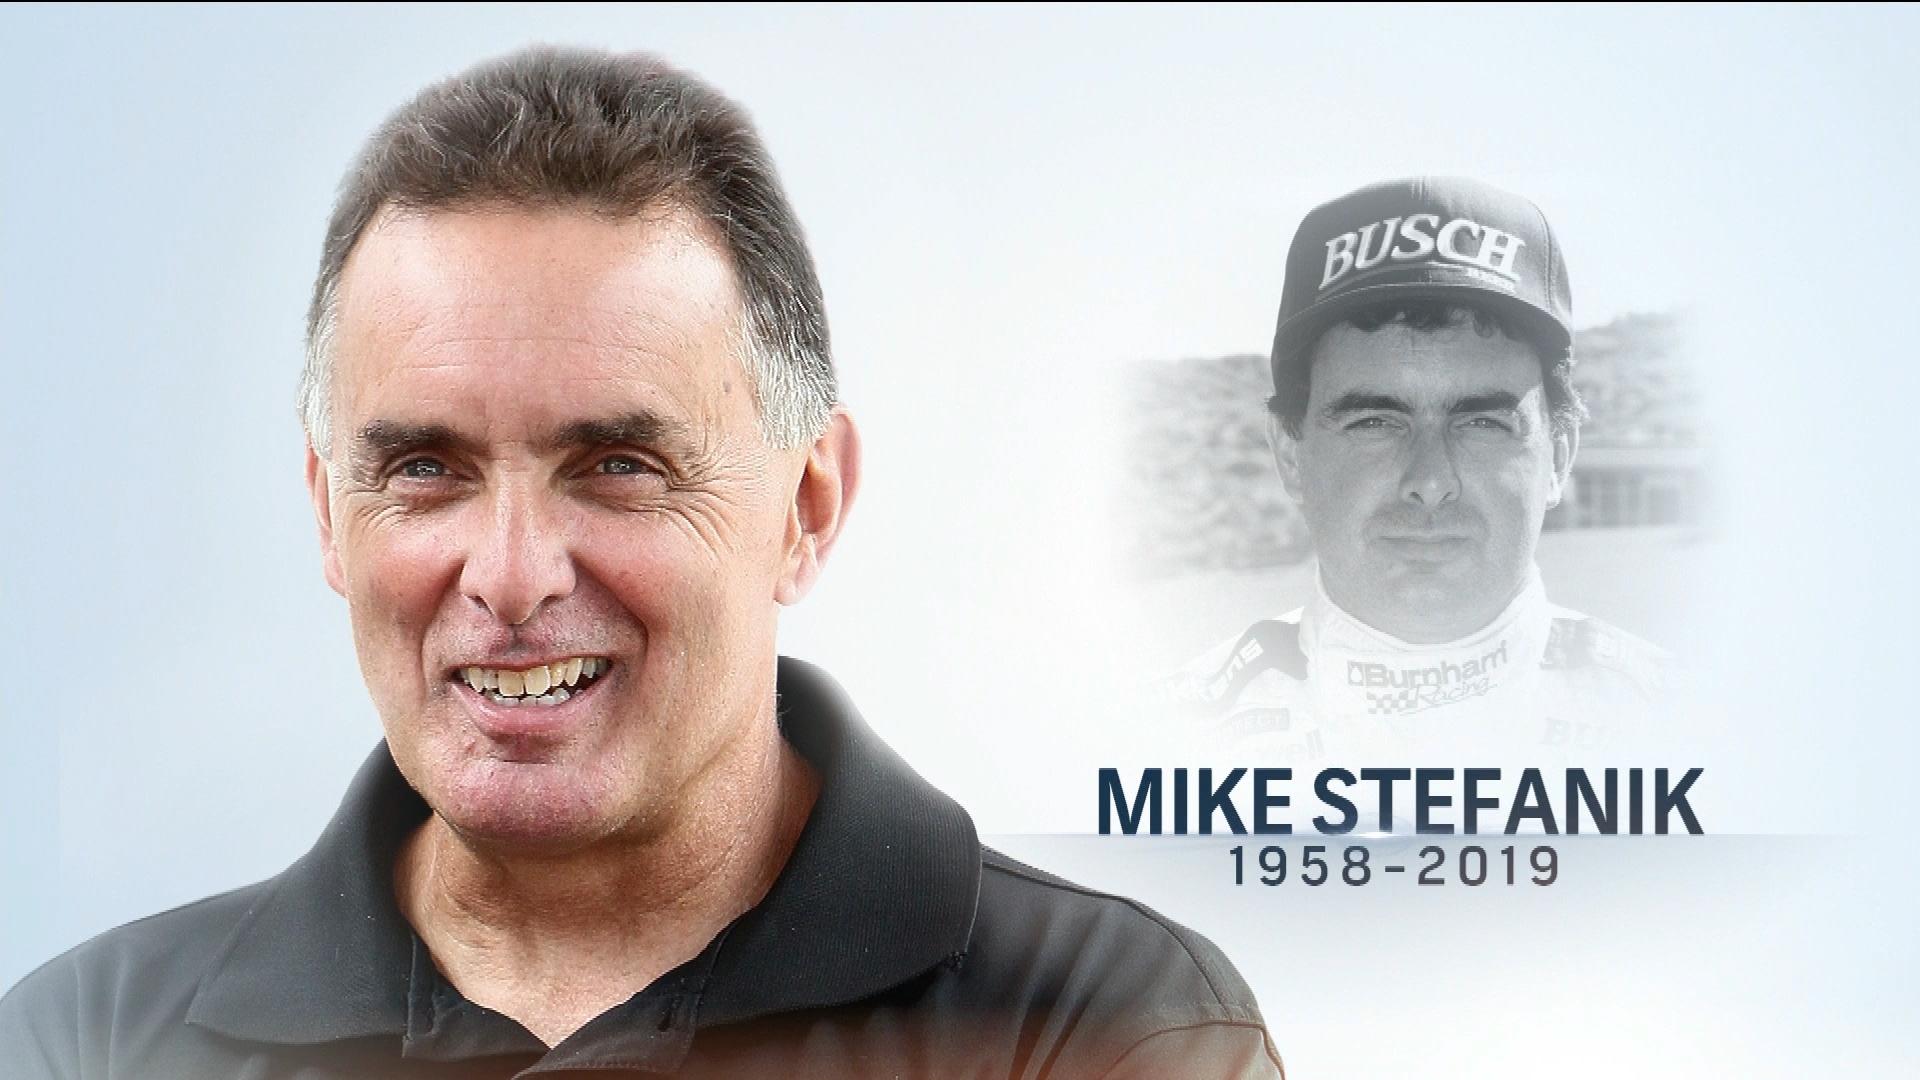 NASCAR Hall of Fame nominee Mike Sefanik dies in plane crash at 61